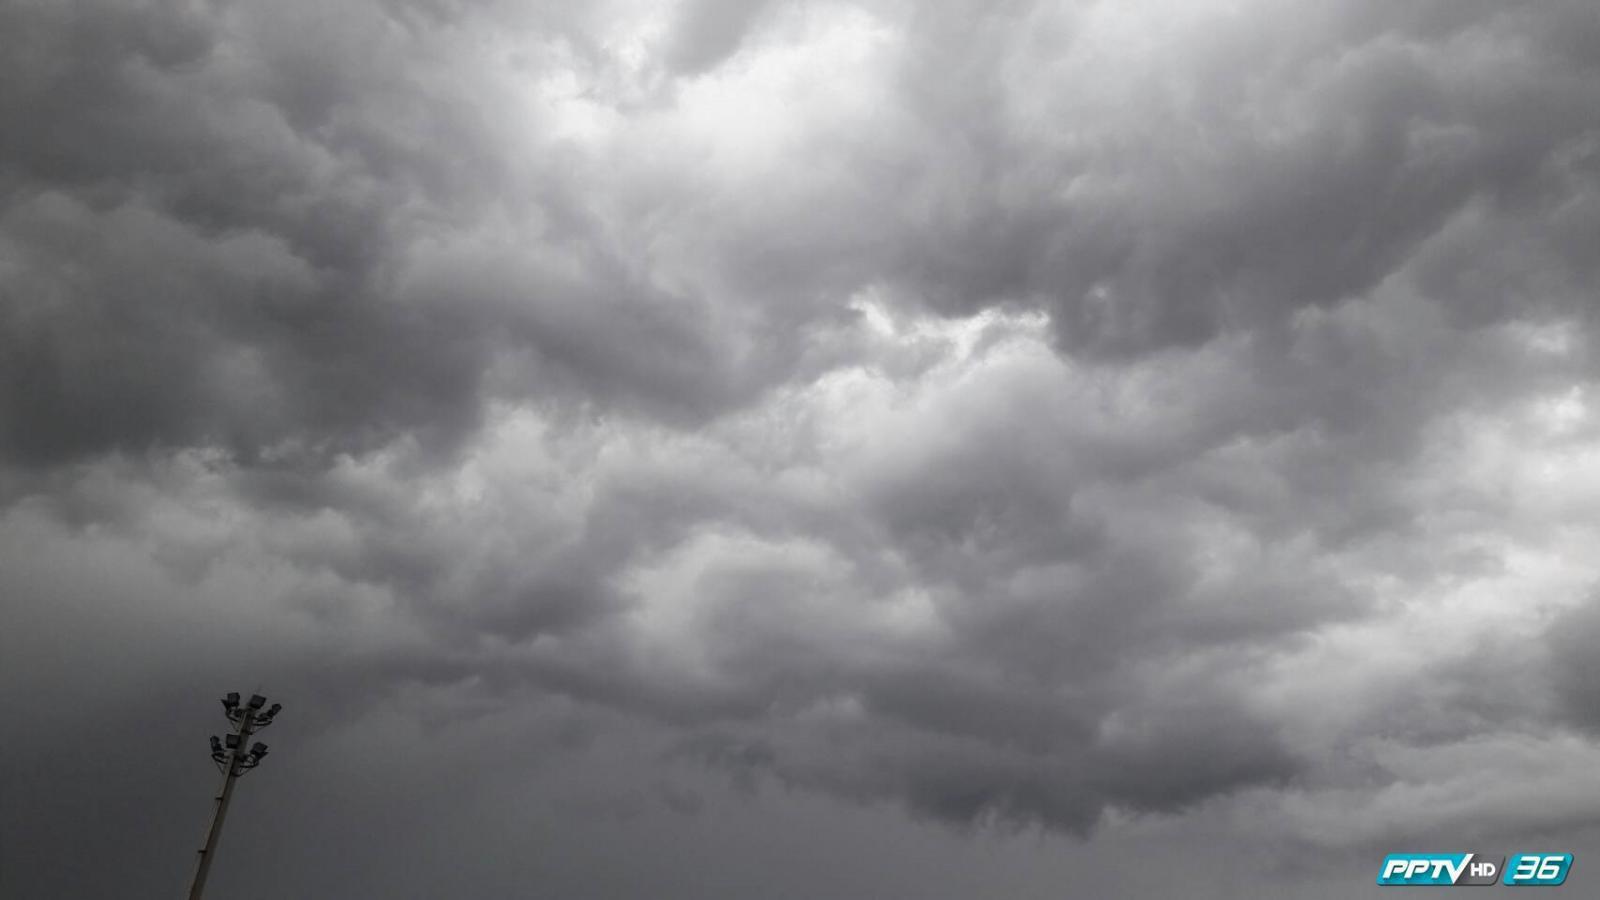 อุตุฯ เผย ภาคเหนือ-อีสานมีฝน จากหย่อมความกดอากาศต่ำบริเวณจีนตอนใต้